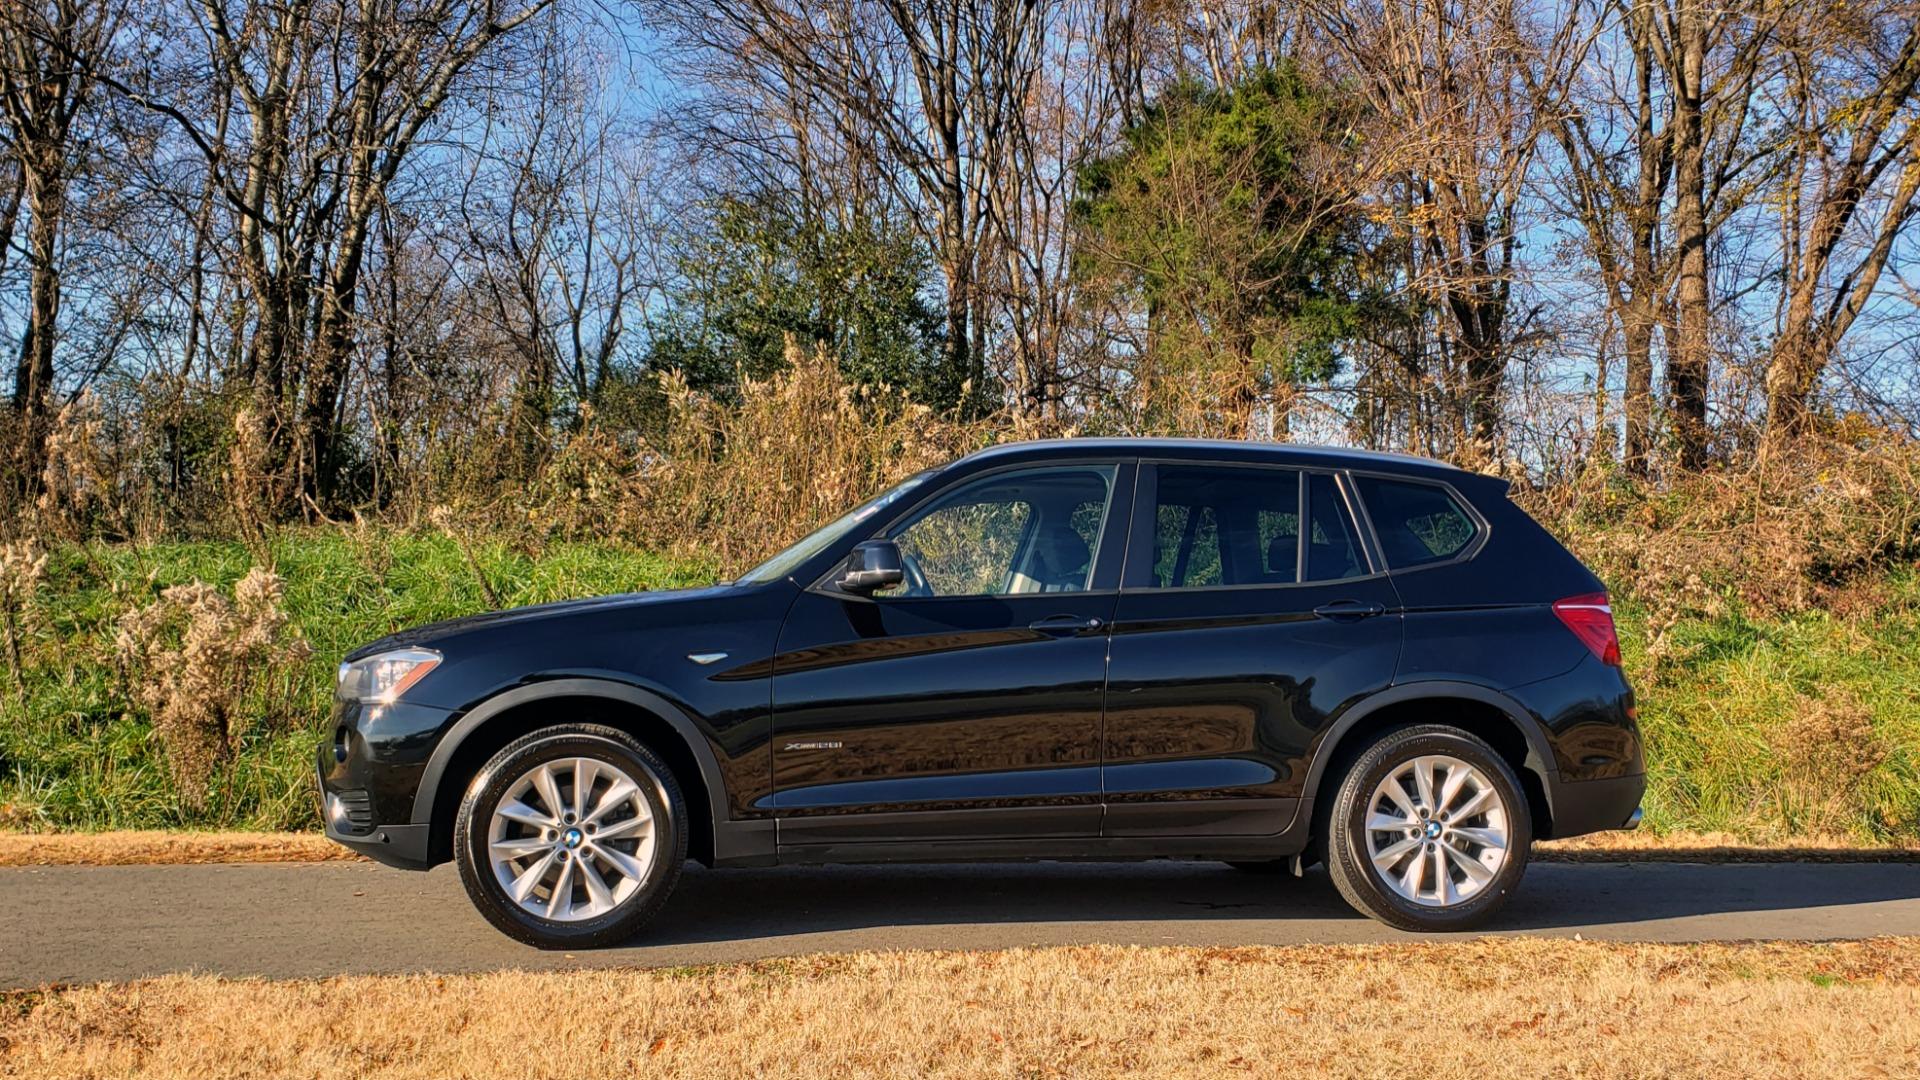 Used 2017 BMW X3 XDRIVE28I / PREM PKG / NAV / DRVR ASST / HTD STS / CAMERAS for sale Sold at Formula Imports in Charlotte NC 28227 7